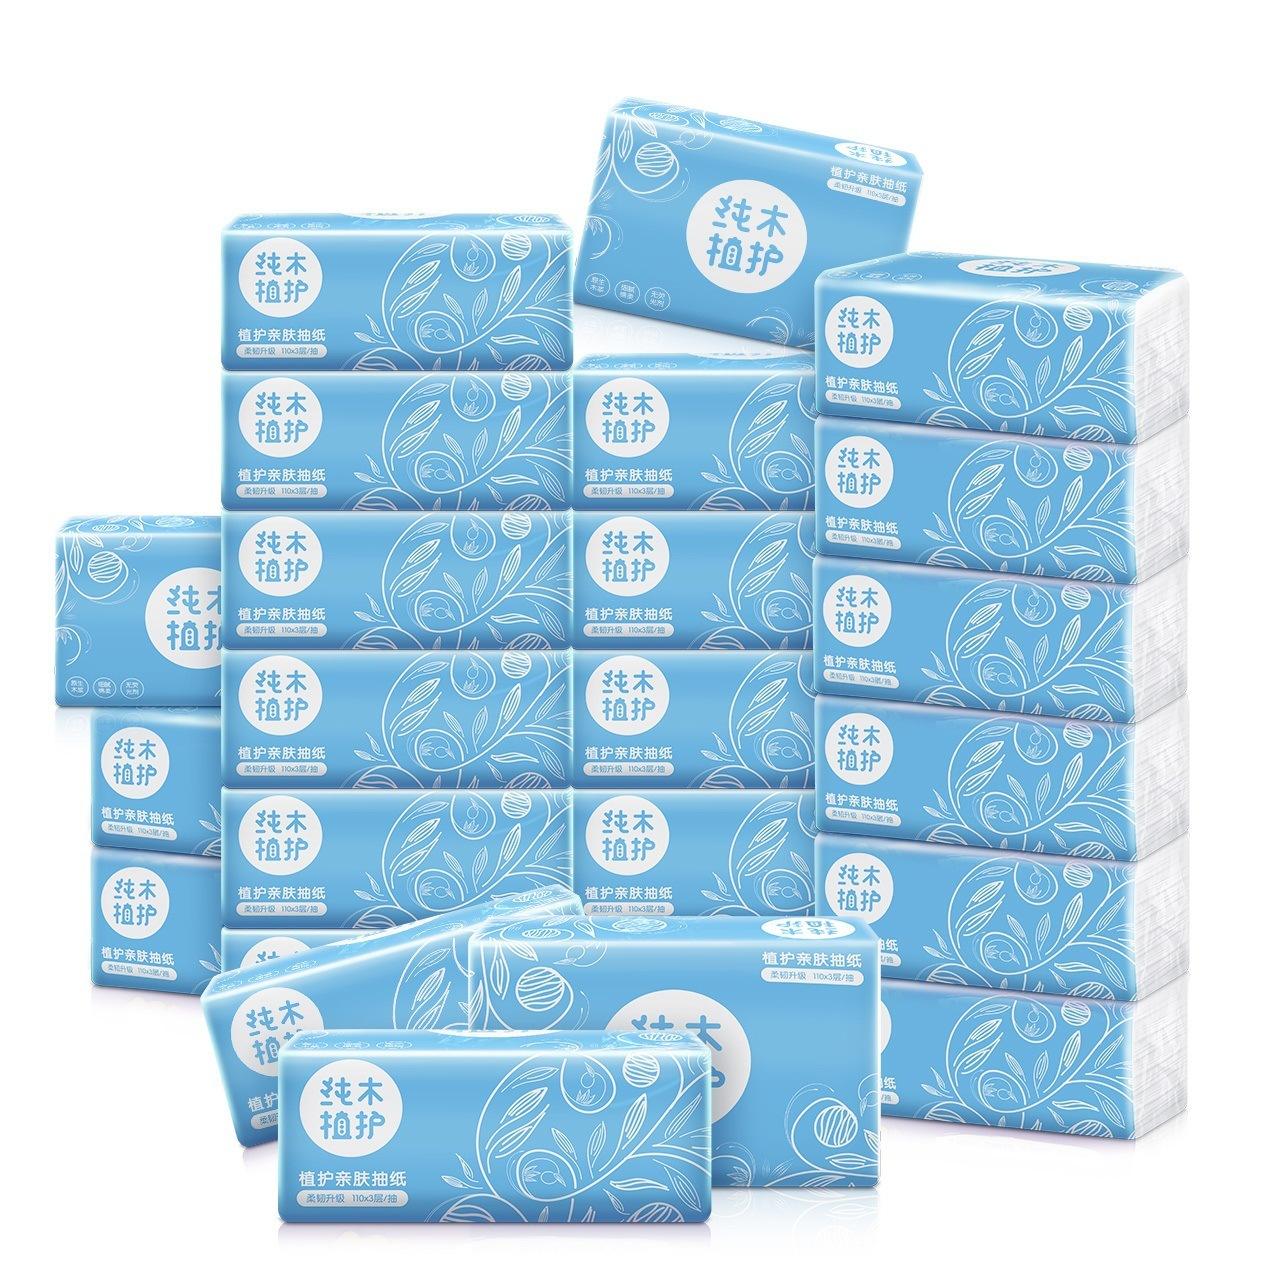 植护 家庭装原木抽纸24包 整箱装 抽取式面巾纸卫生纸巾餐巾纸